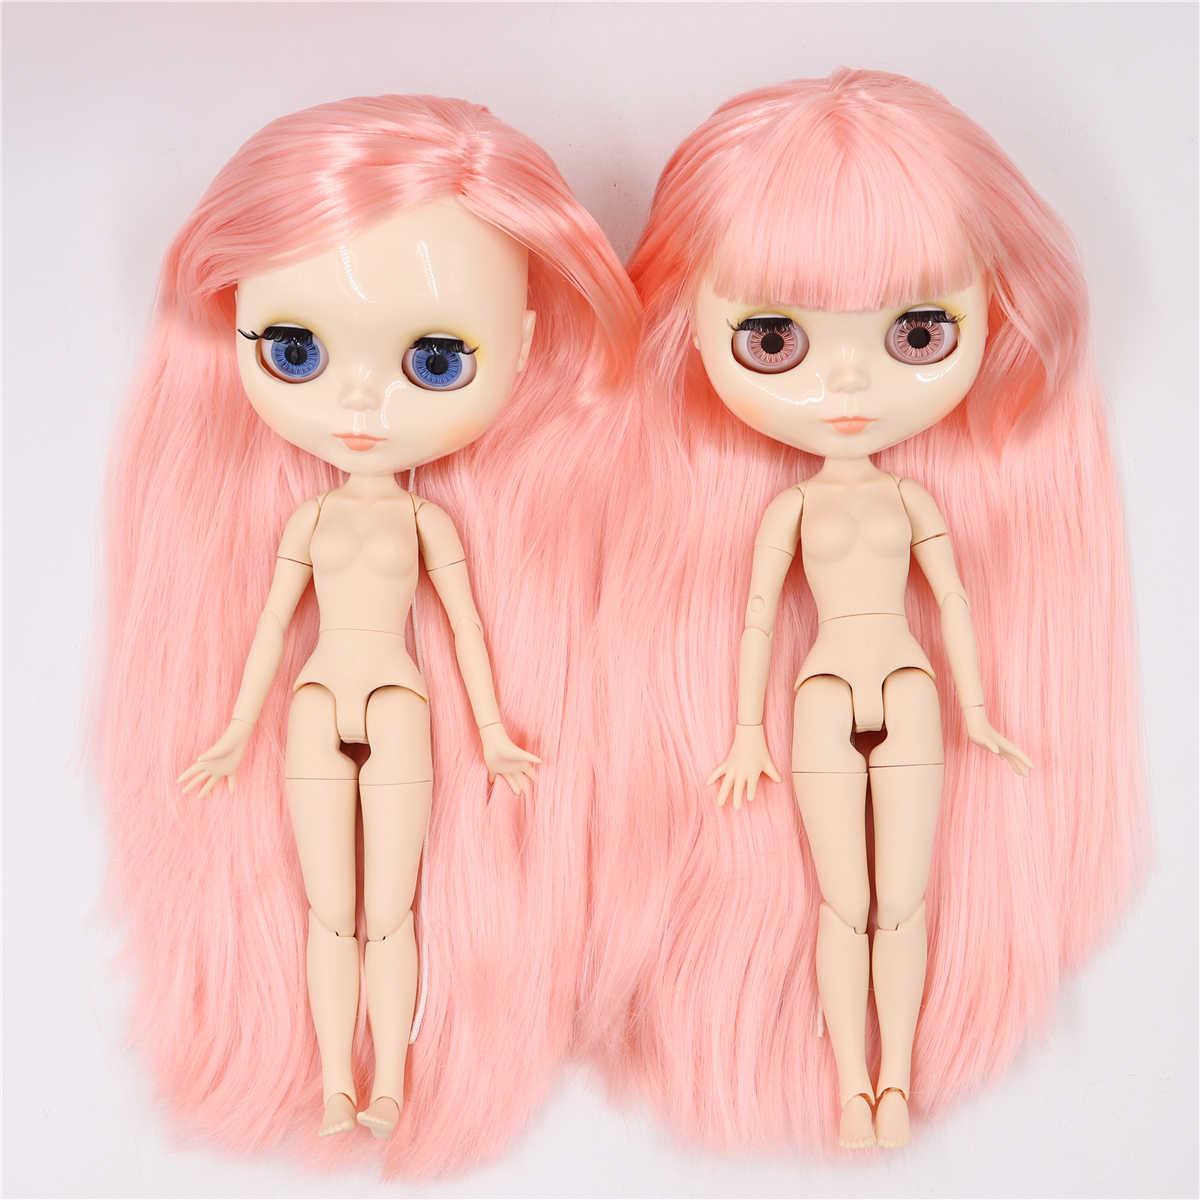 Usine glacée blyth poupée bjd jouet joint corps peau blanche visage brillant 30cm 1/6 en vente offre spéciale